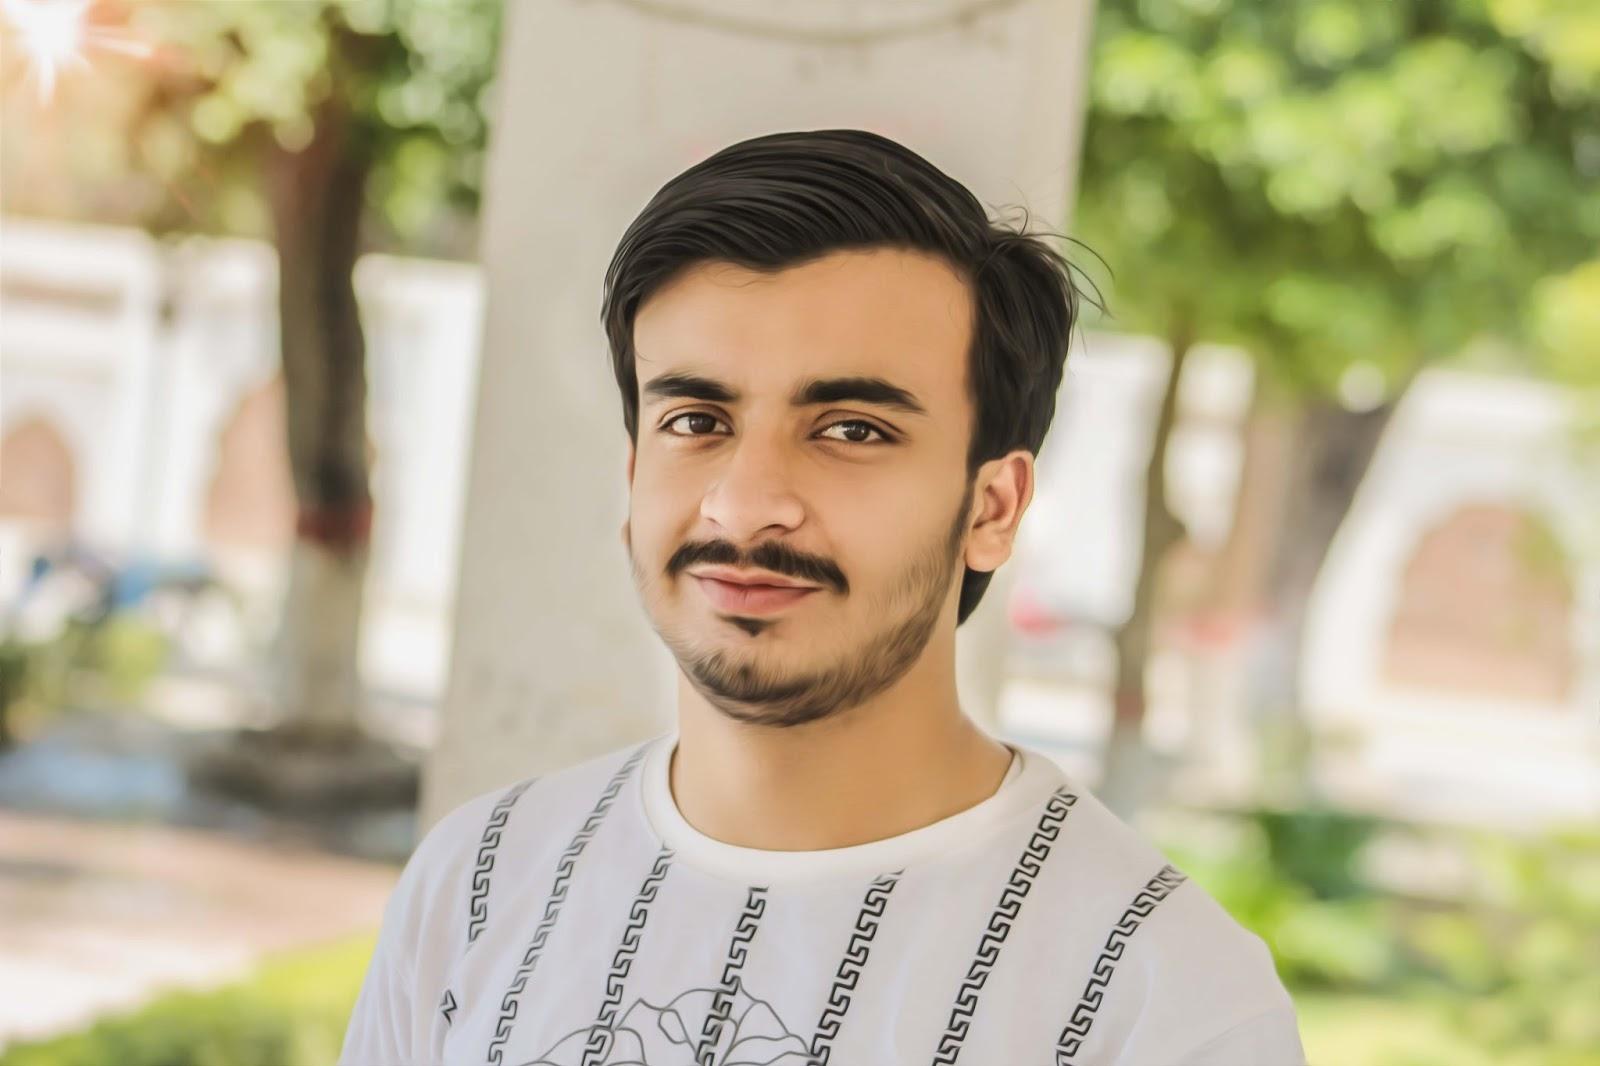 Jawad Saqib